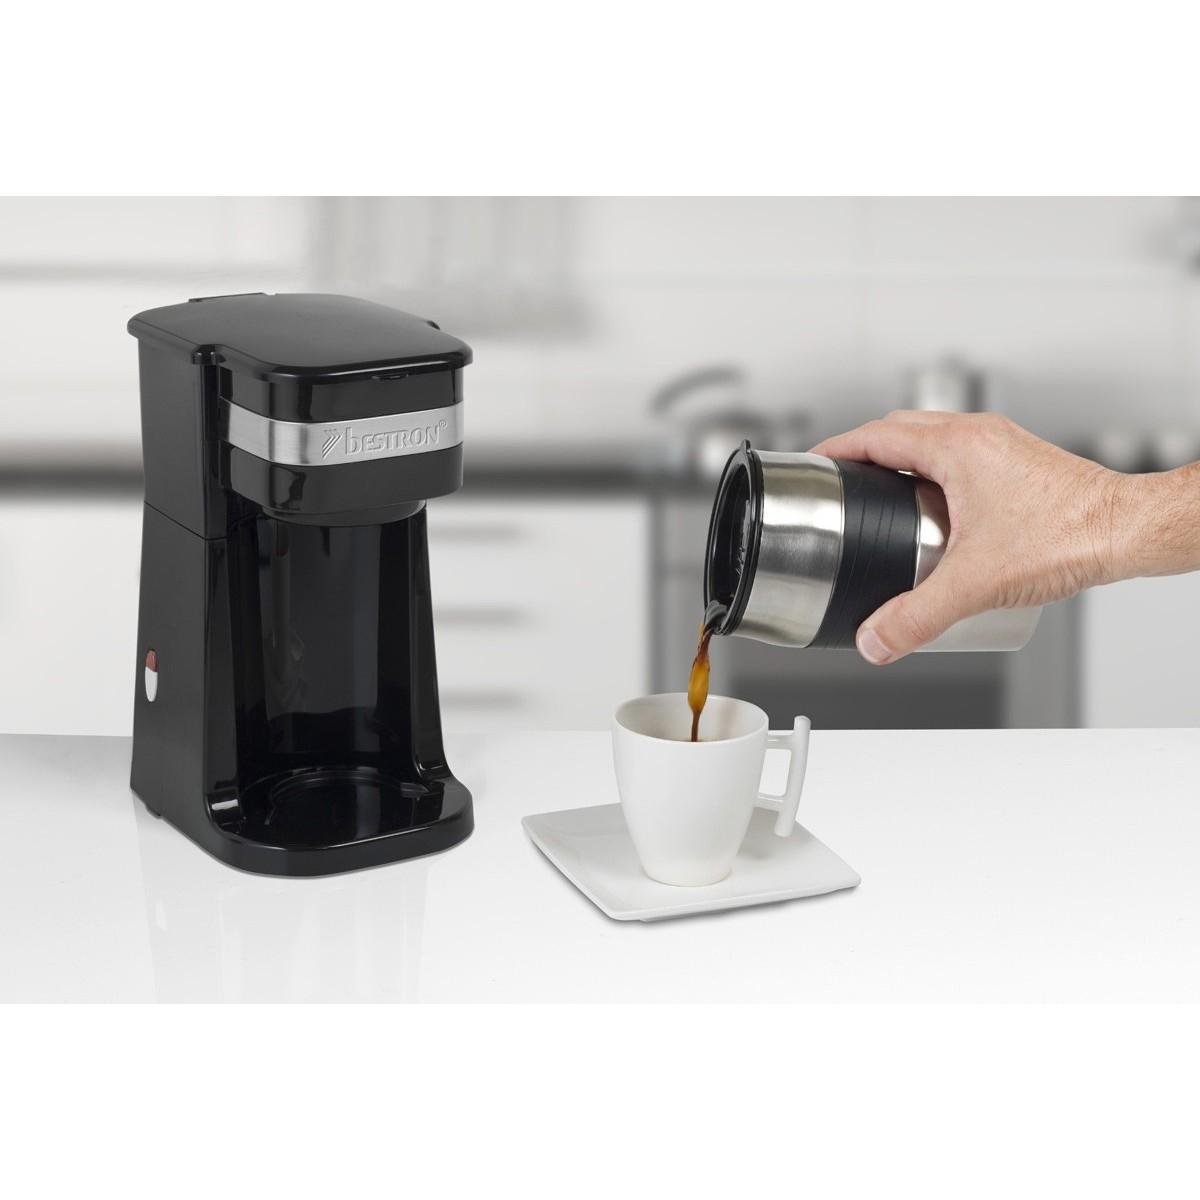 Cafetera 1 servicio con taza de acero inoxidable acm111z bestron - Cafetera con molinillo incorporado ...